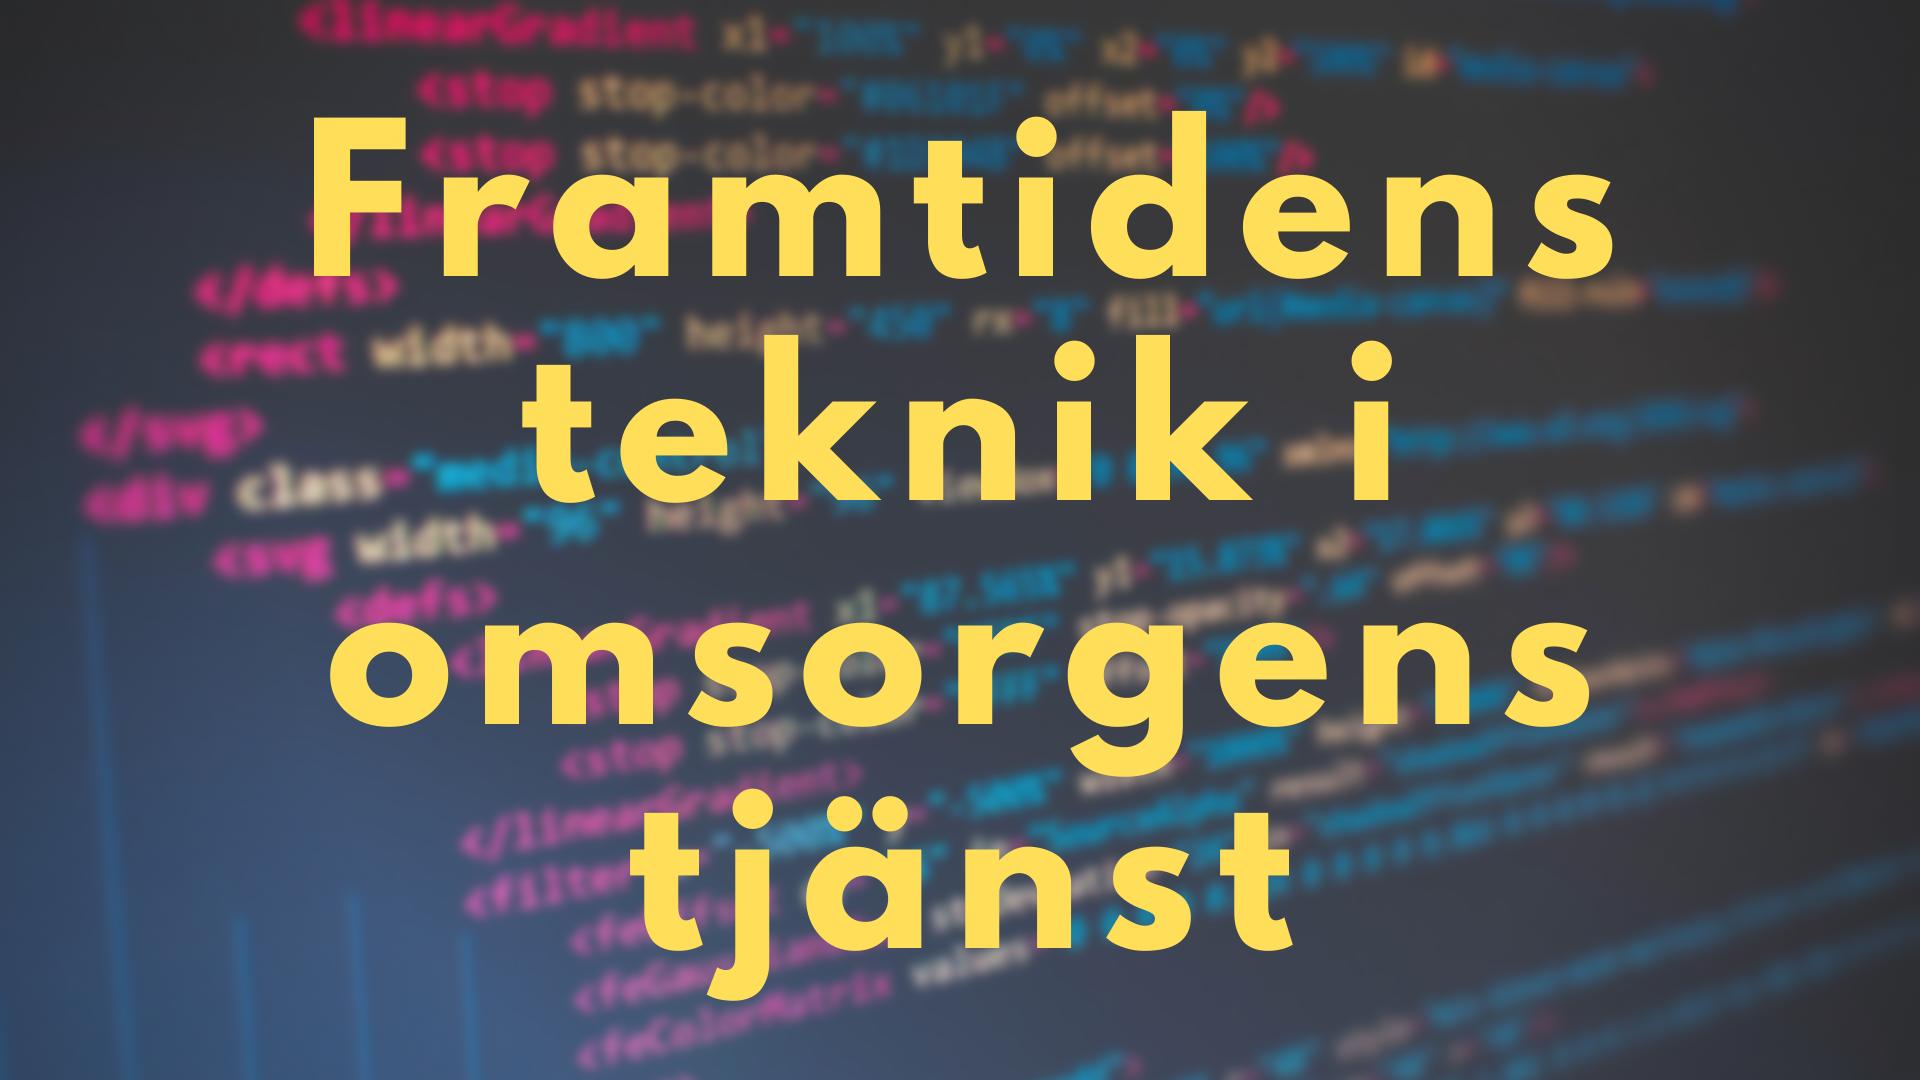 Framtidens teknik i omsorgens tjänst - IT&Telekomföretagen